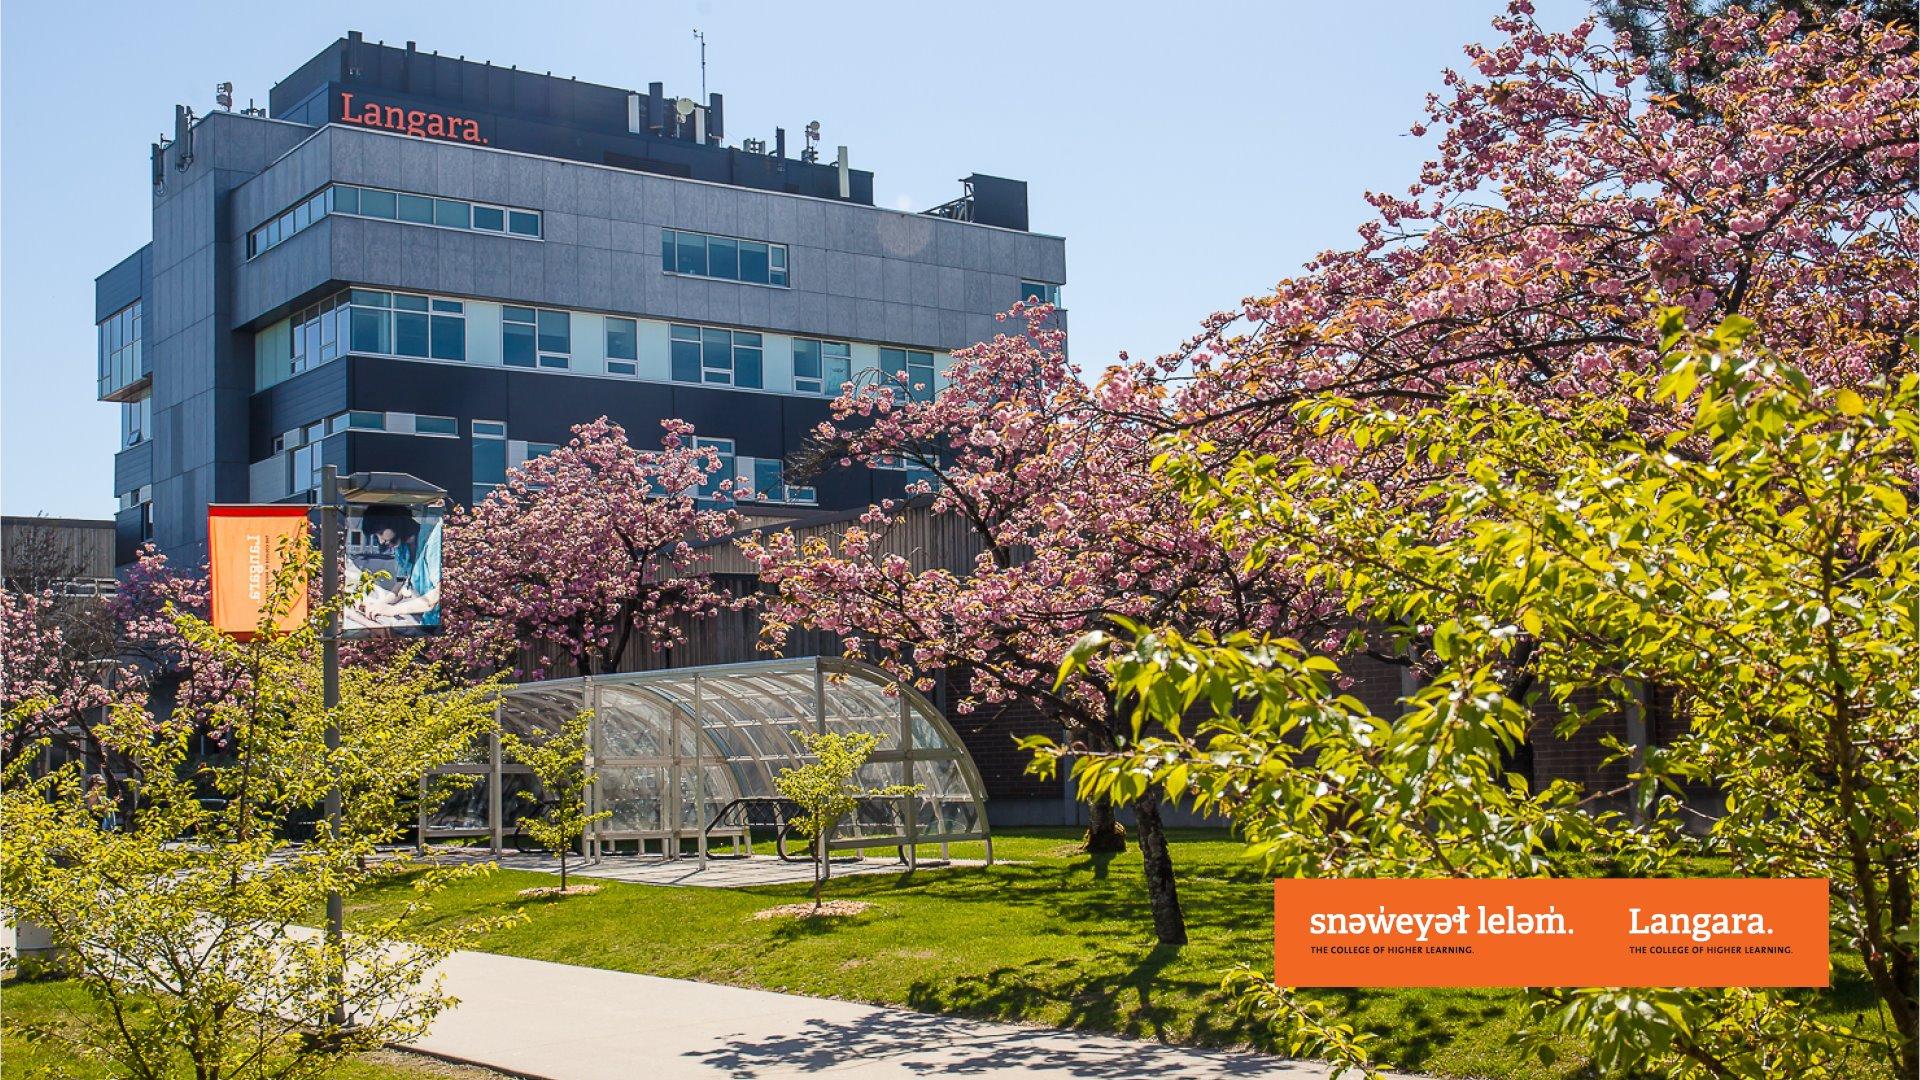 溫哥華西岸學院-蘭加拉學院